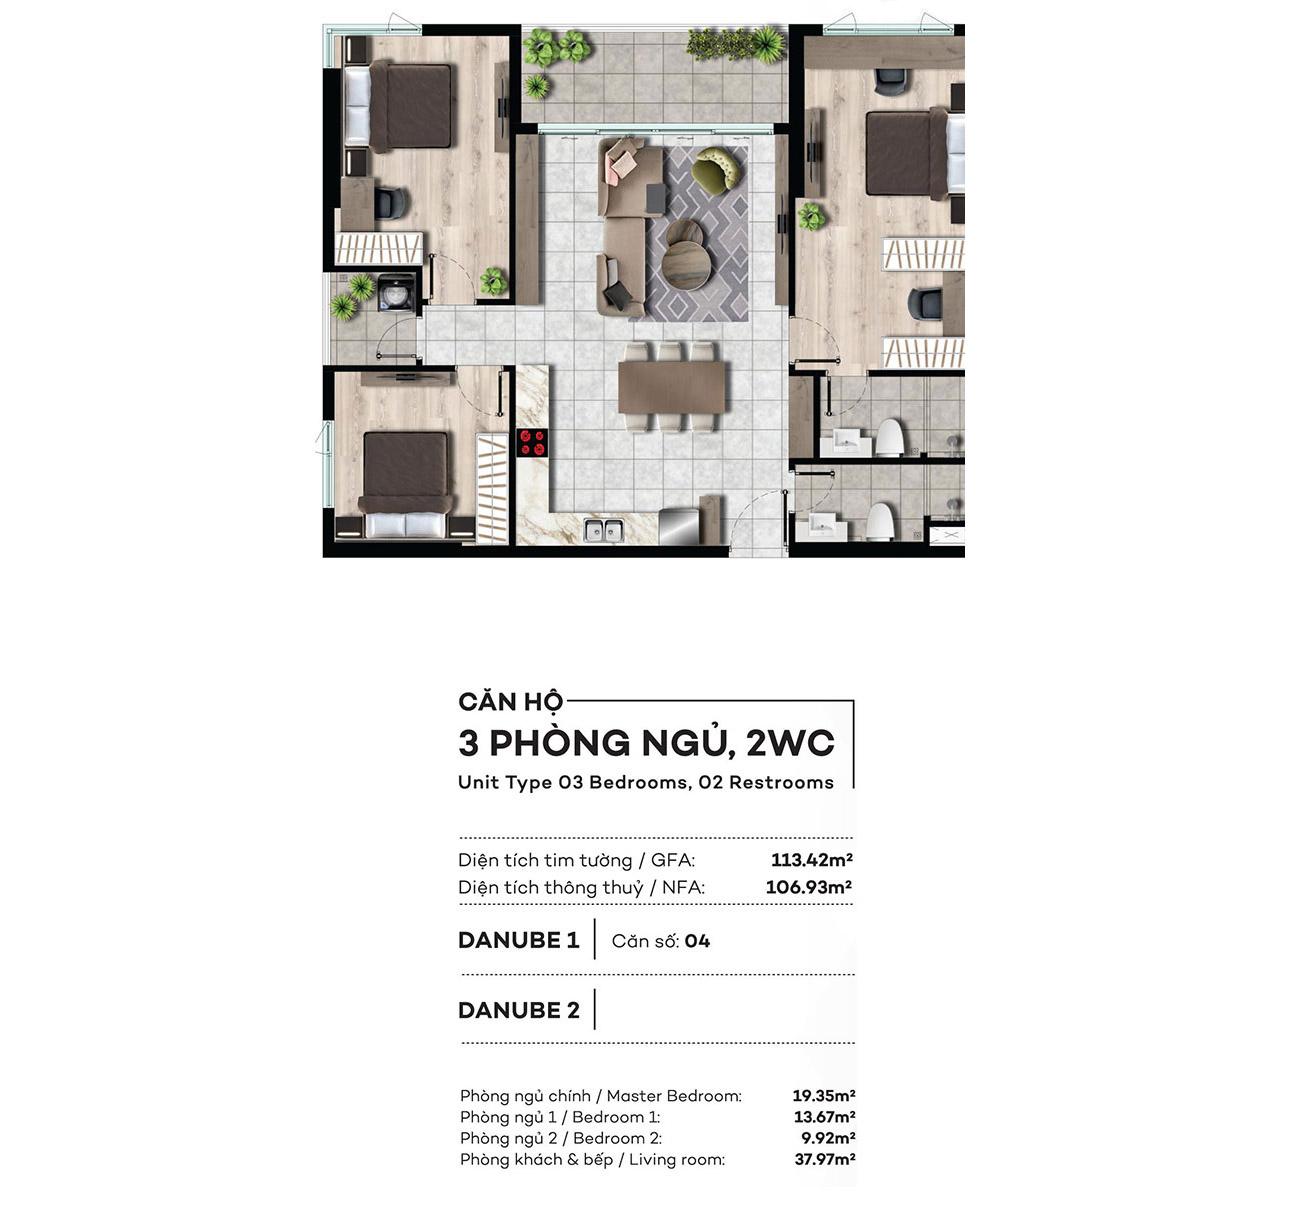 Thiết kế chi tiết căn hộ Marina Park Quận 7 Đào Trí